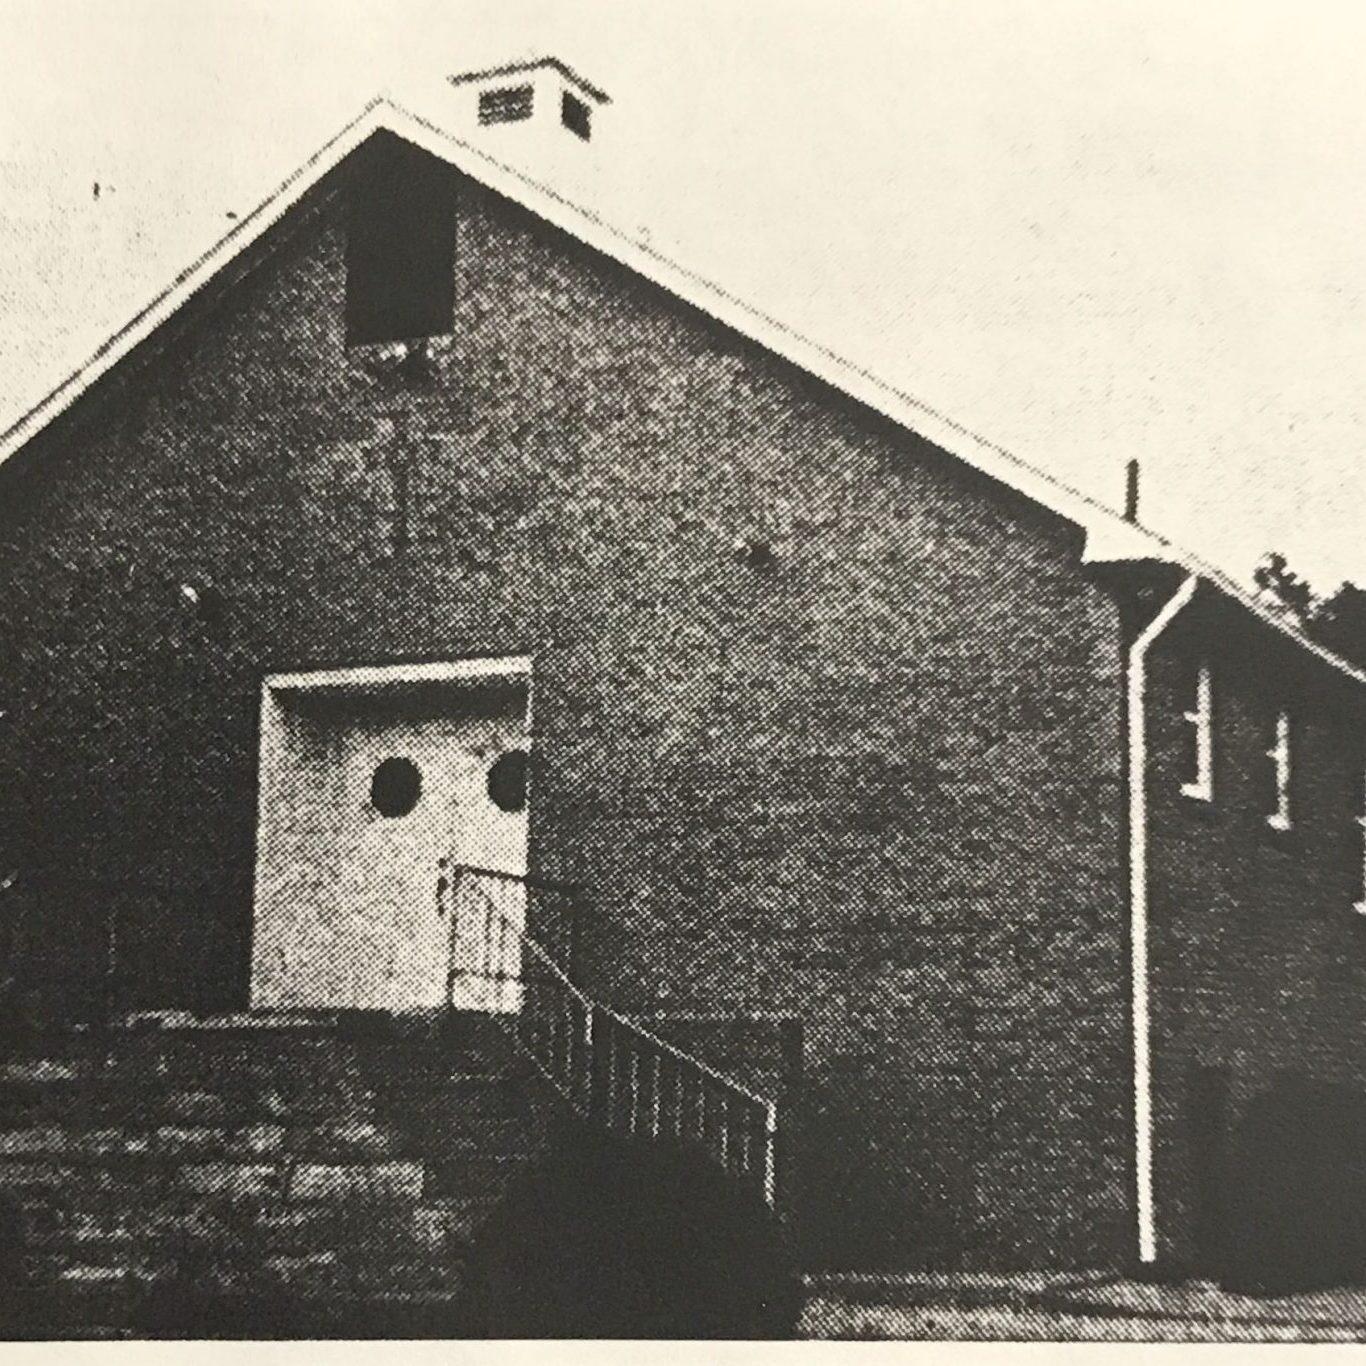 The Original Building